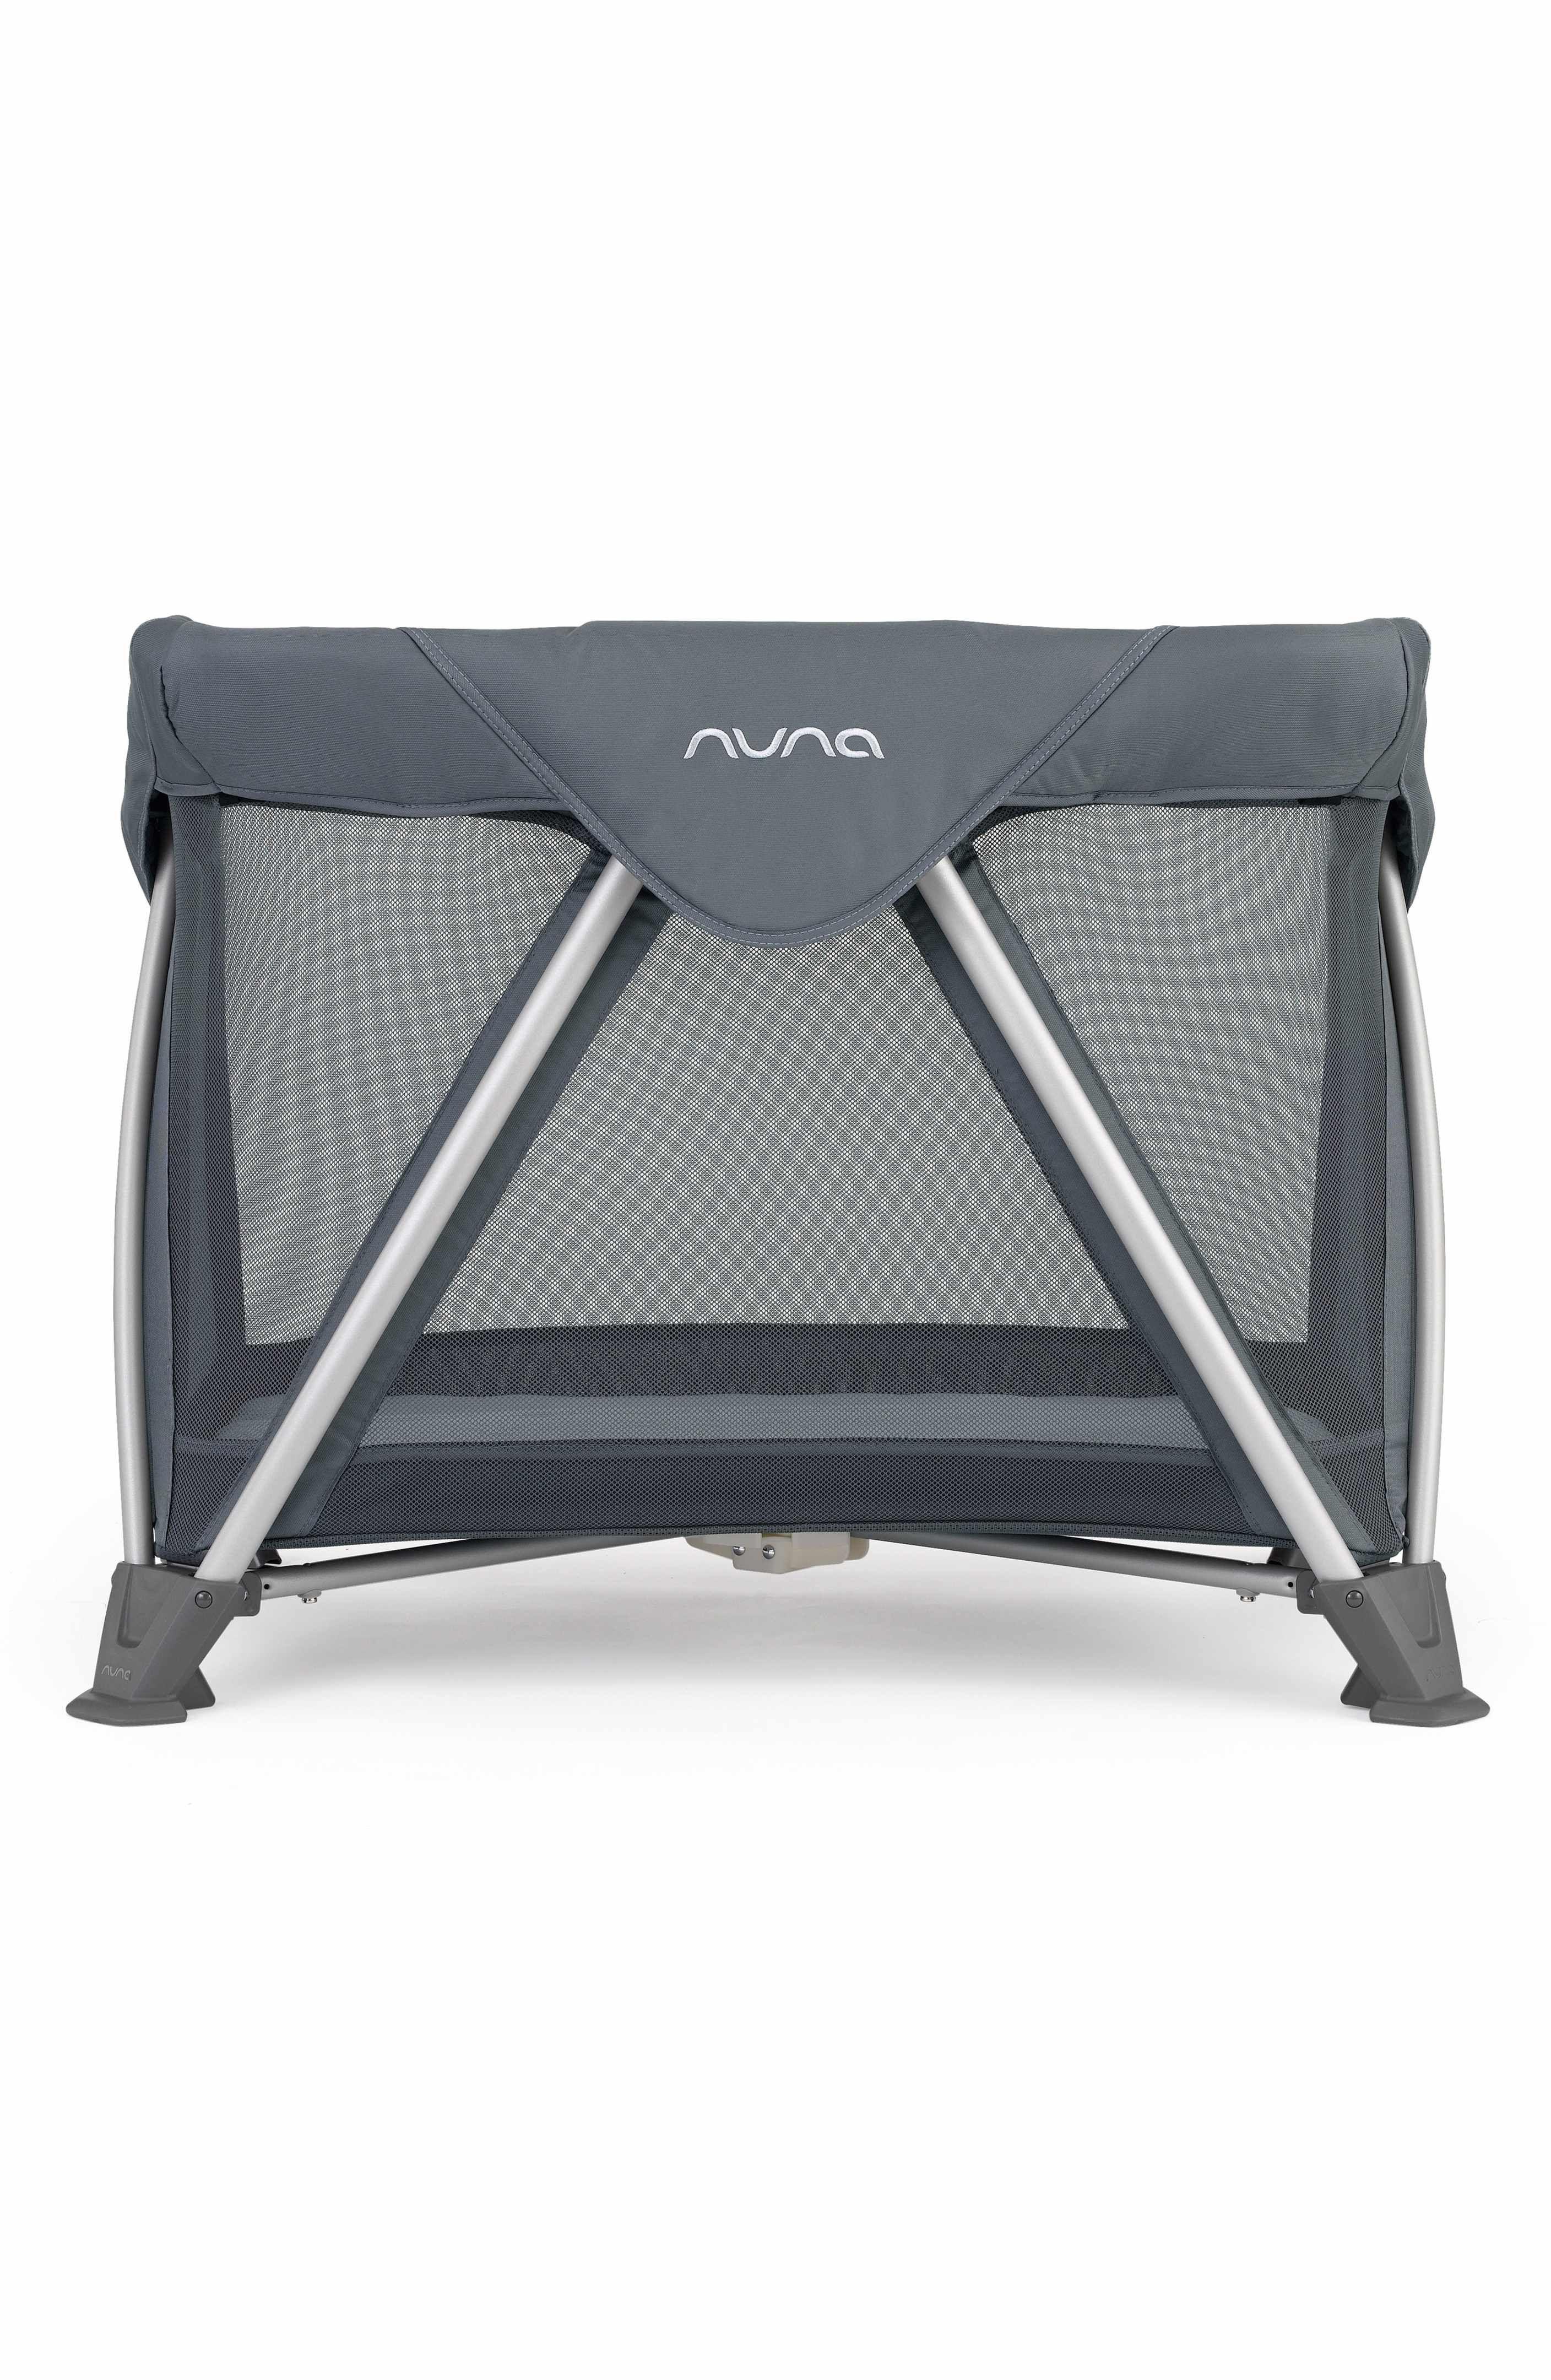 SENA aire Nuna Nuna, Baby nursery, Outdoor gear